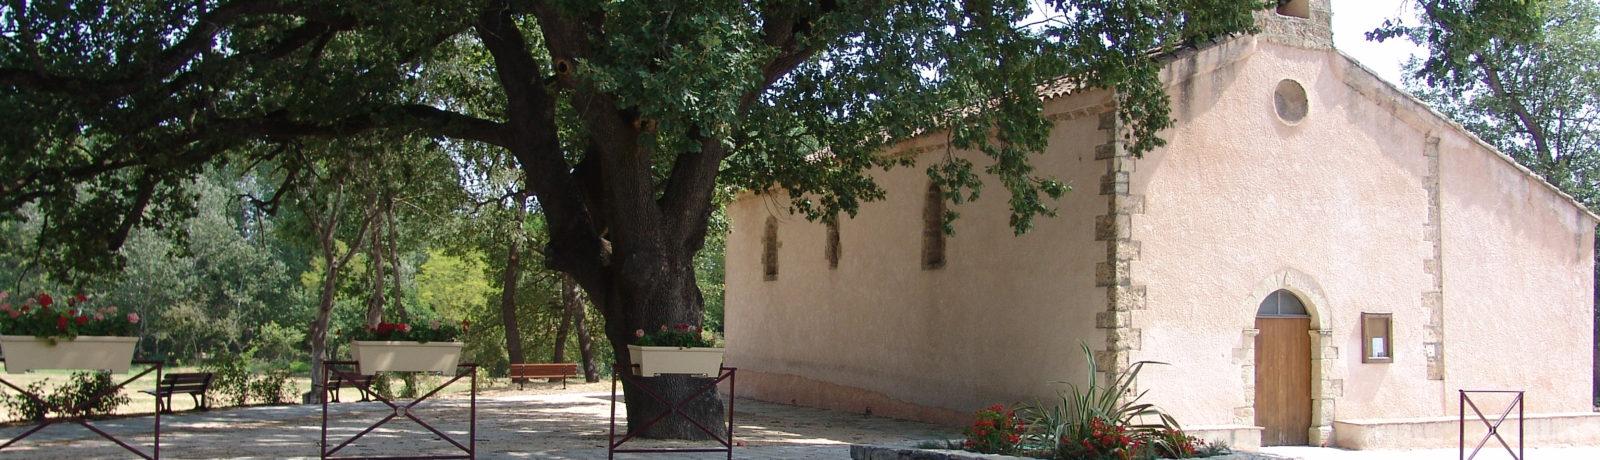 Bienvenue sur le site Saint Antonin Notre Village